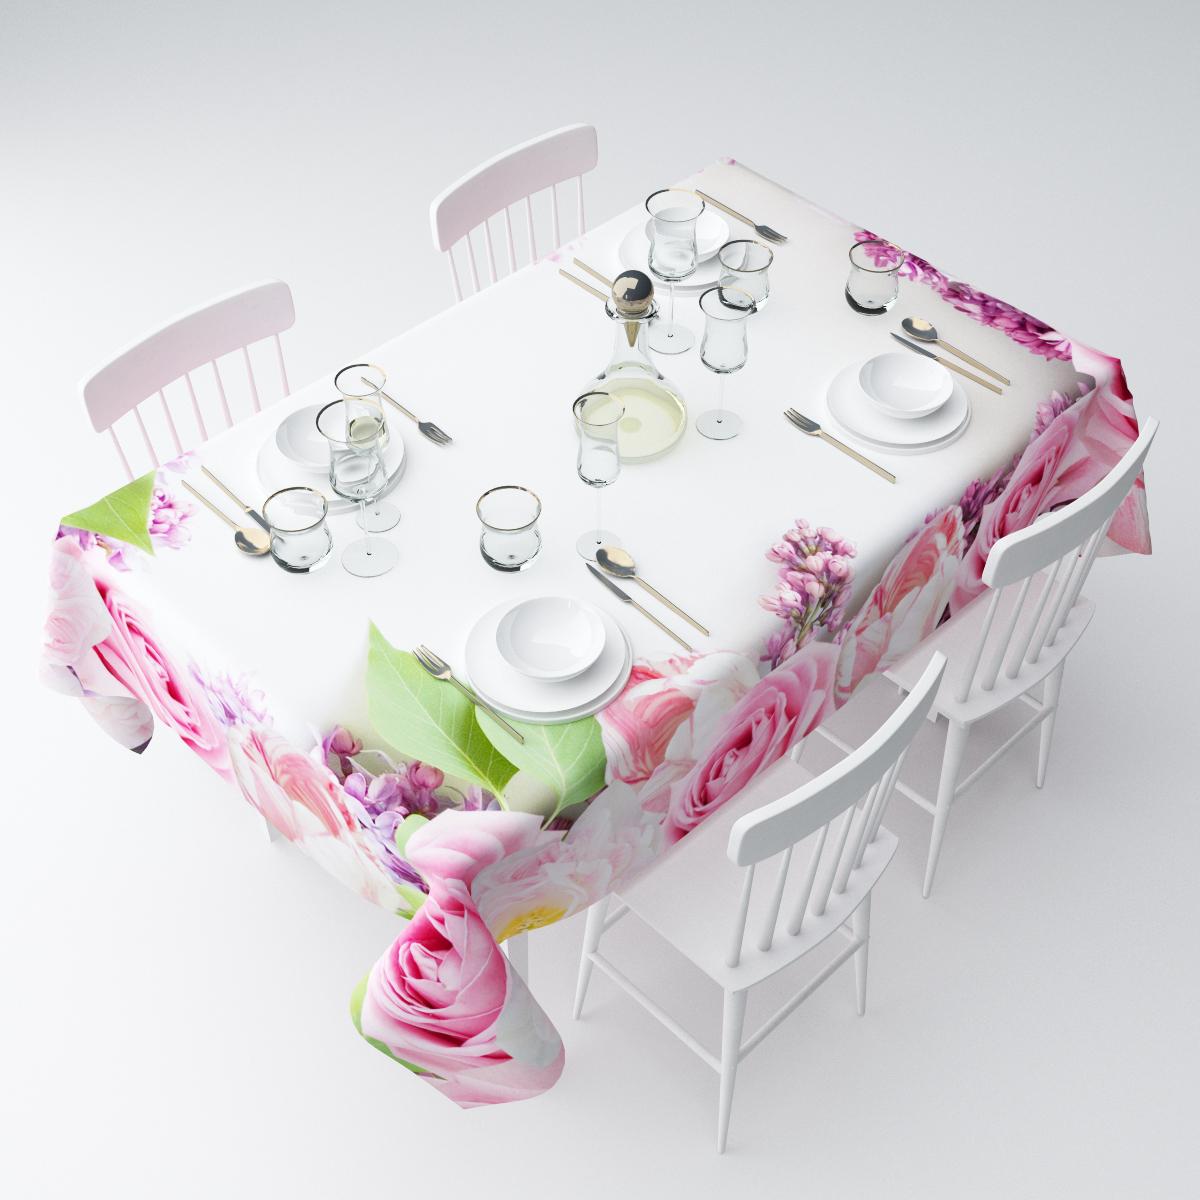 Скатерть Сирень Розовые цветы, прямоугольная, 145 х 120 смСКГБ003-04514Прямоугольная скатерть Сирень Розовые цветы, выполненная из габардина с ярким рисунком, преобразит вашу кухню, визуально расширит пространство, создаст атмосферу радости и комфорта. Рекомендации по уходу: стирка при 30 градусах, гладить при температуре до 110 градусов.Размер скатерти: 145 х 120 см. Изображение может немного отличаться от реального.